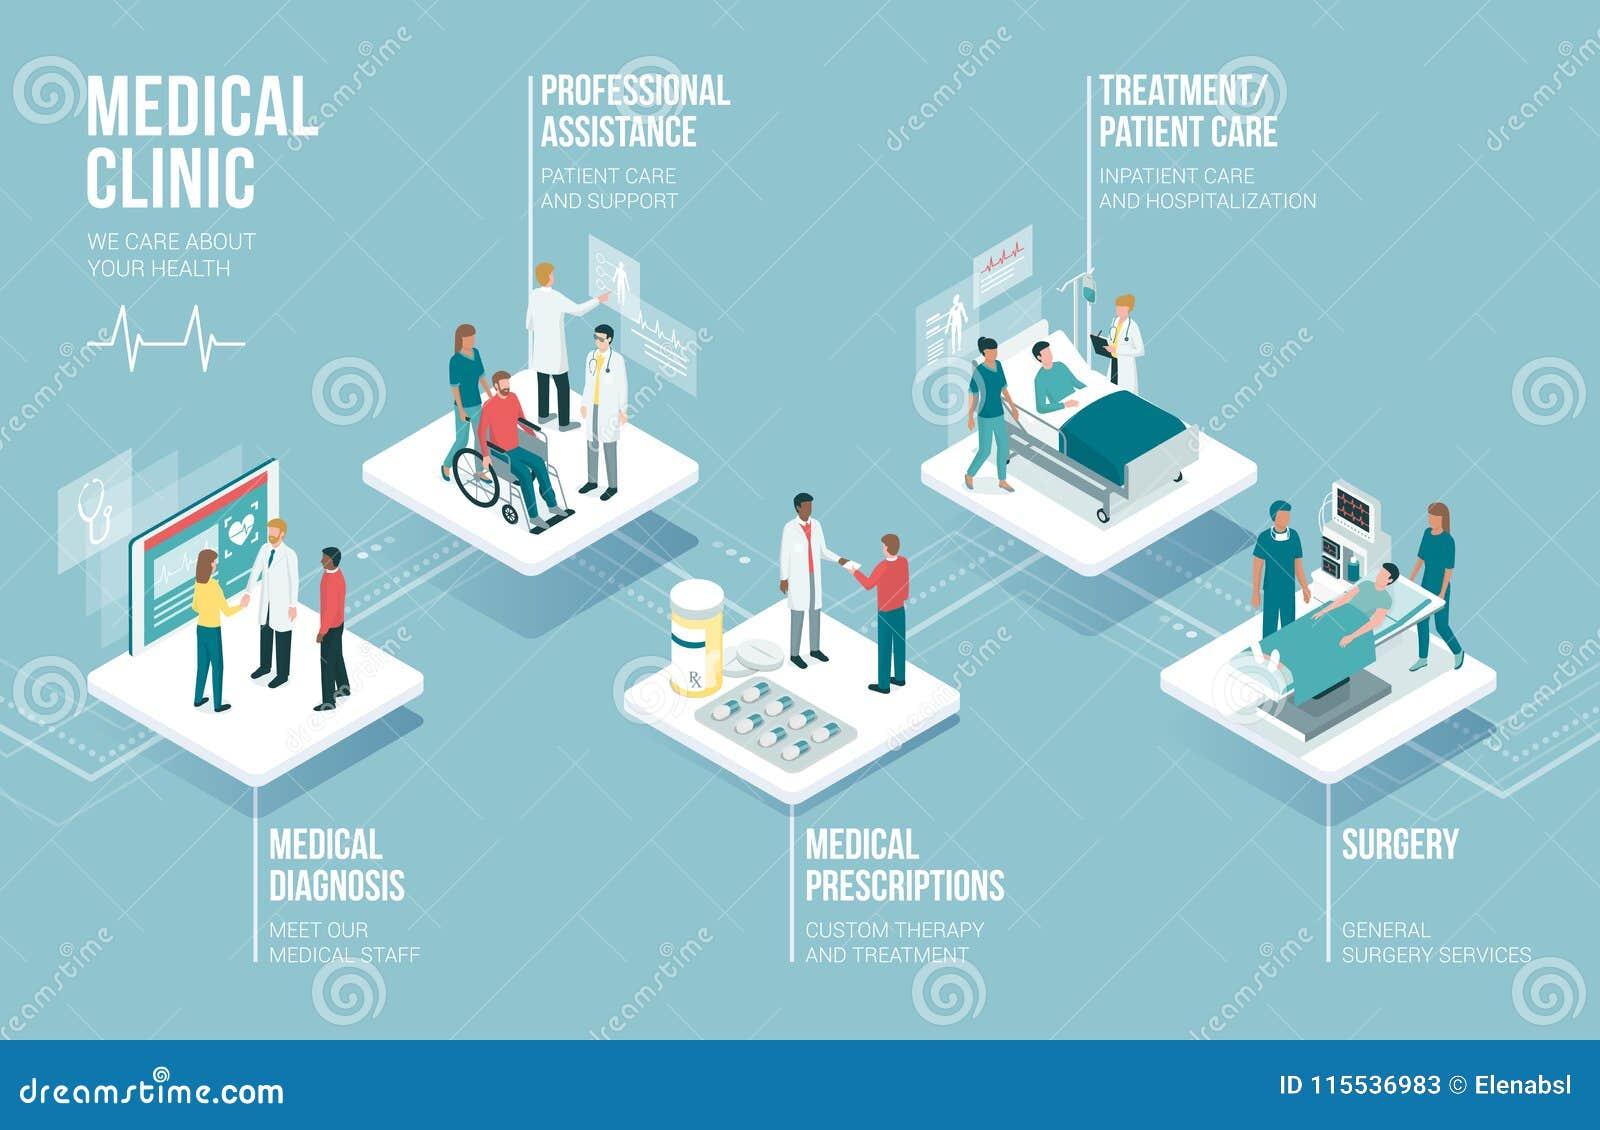 Infographic medicin och sjukvård